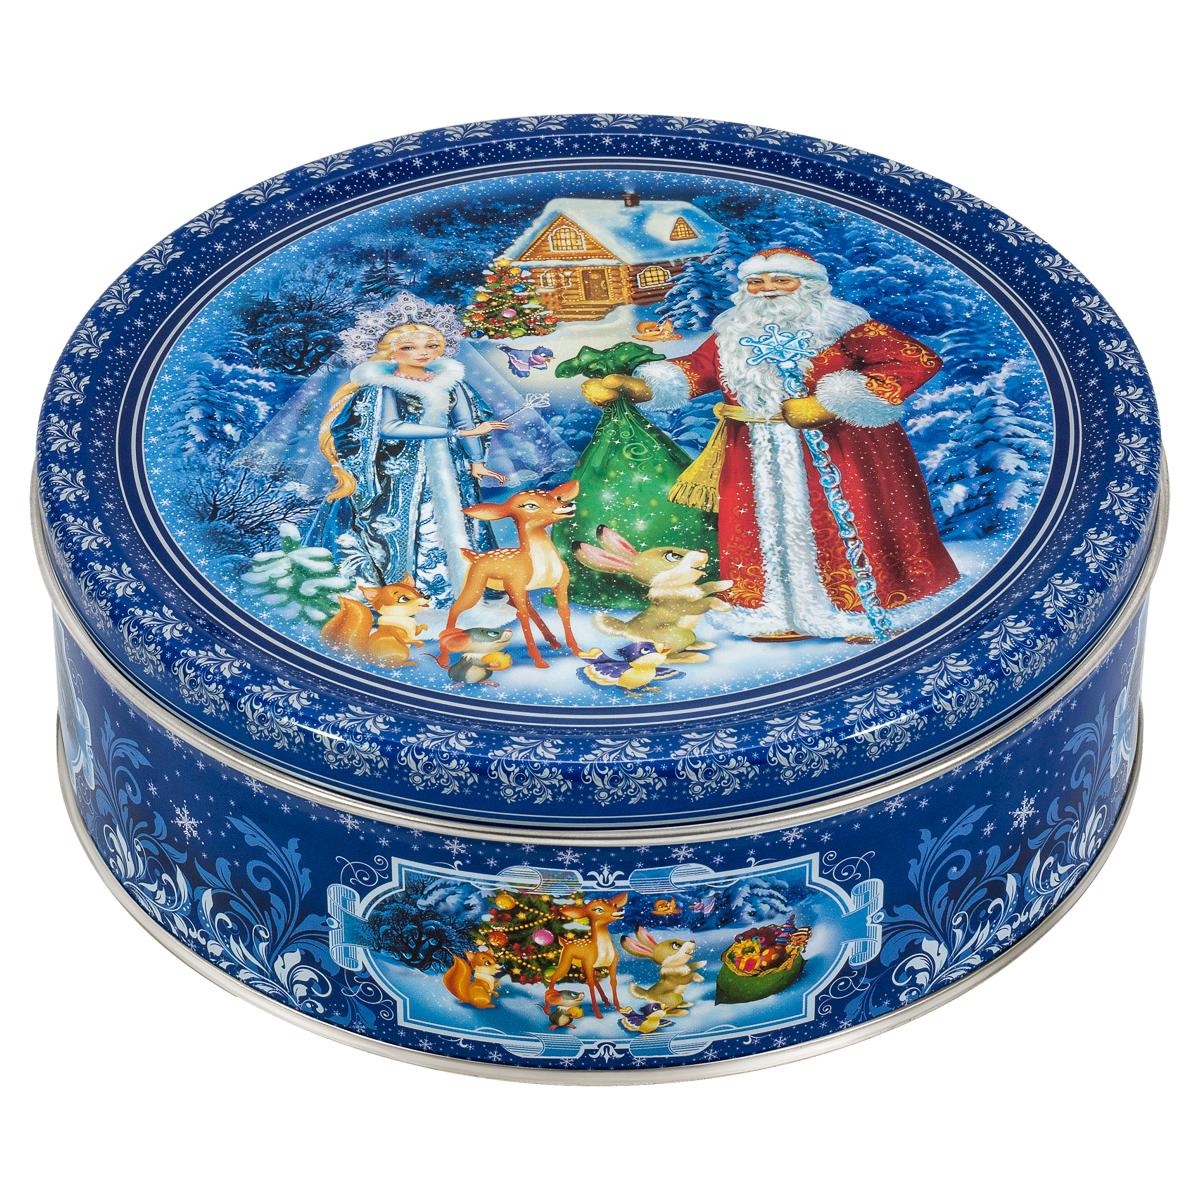 Сладкая Сказка Печенье Дед Мороз и Снегурочка, 400 г сладкая сказка снегурочка синий подарочный шар карамель магнит 18 г